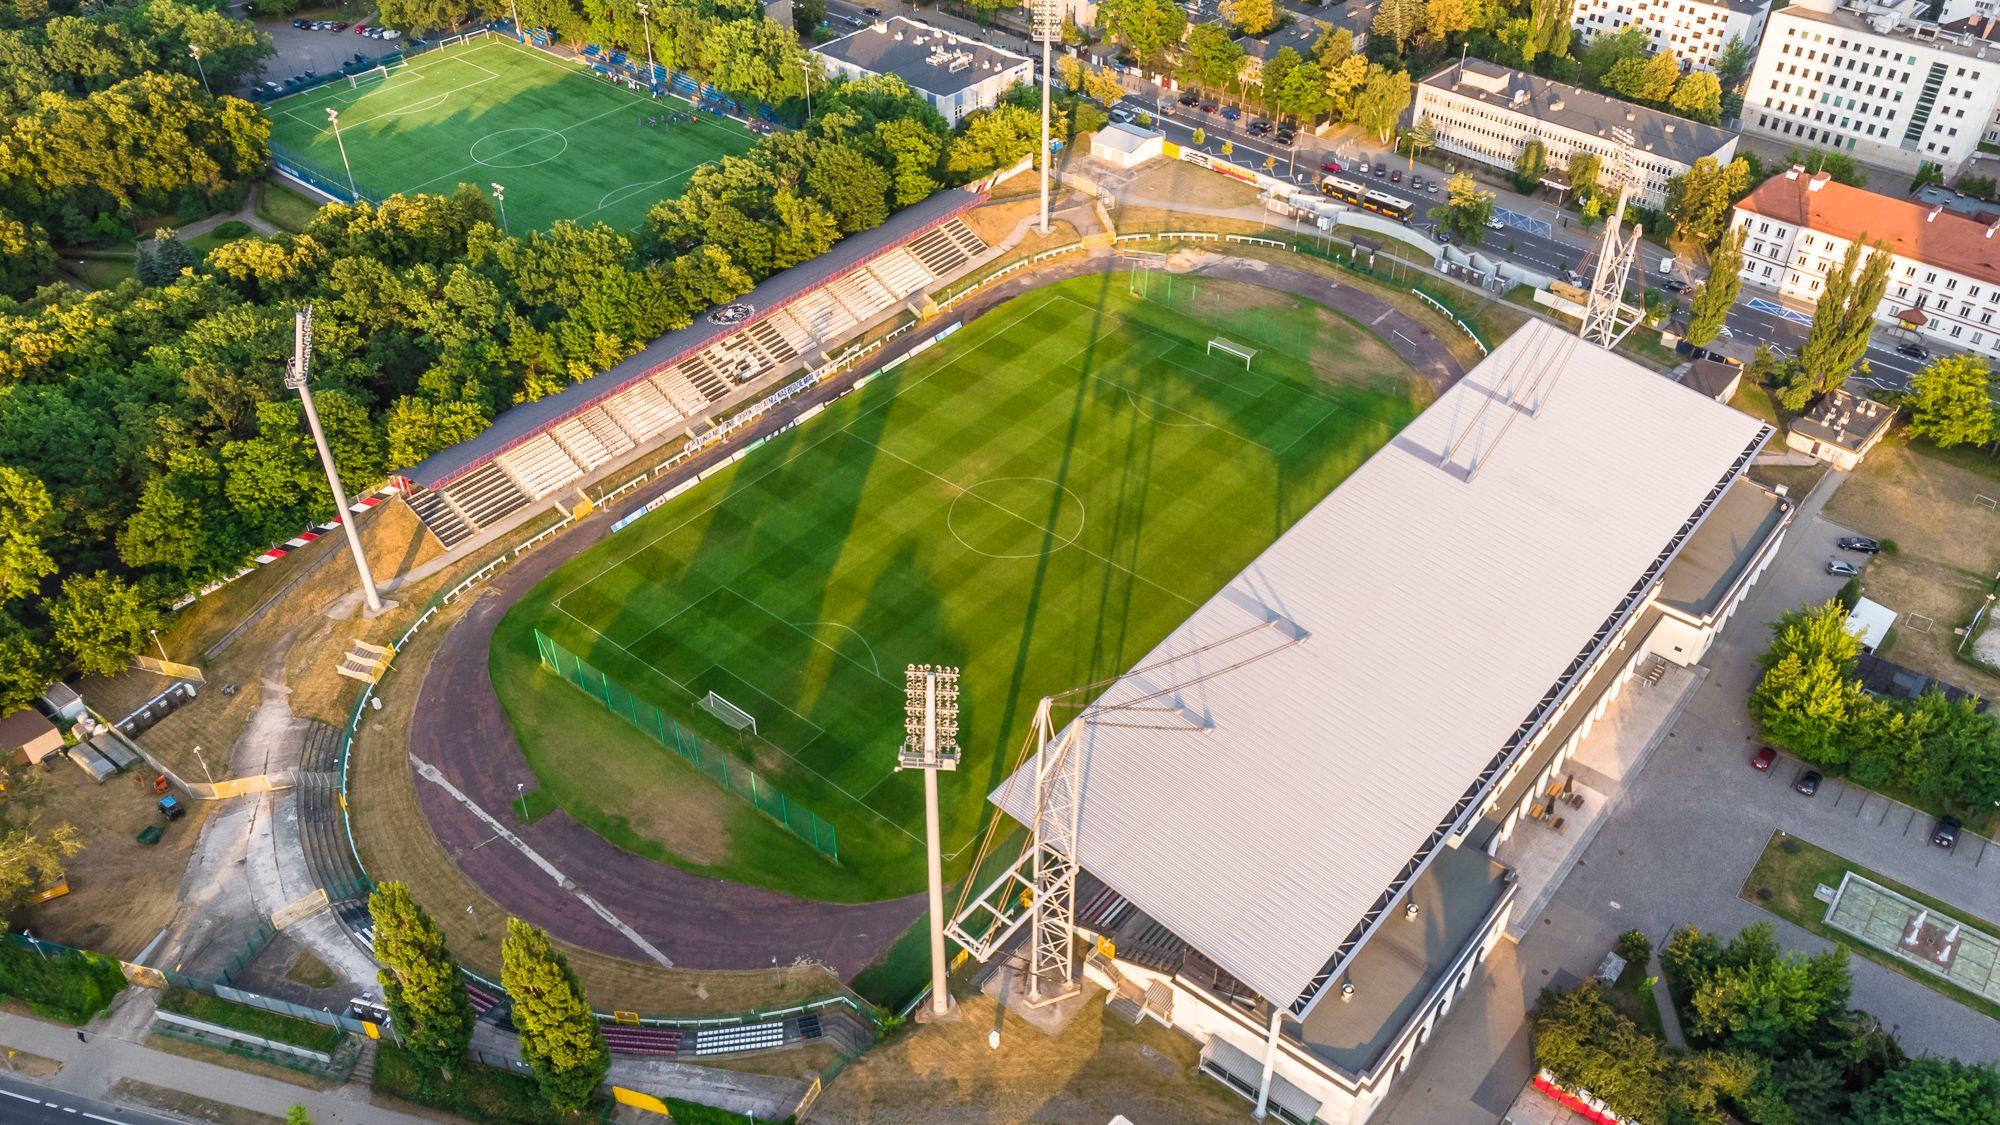 Stadion Polonii Warszawa